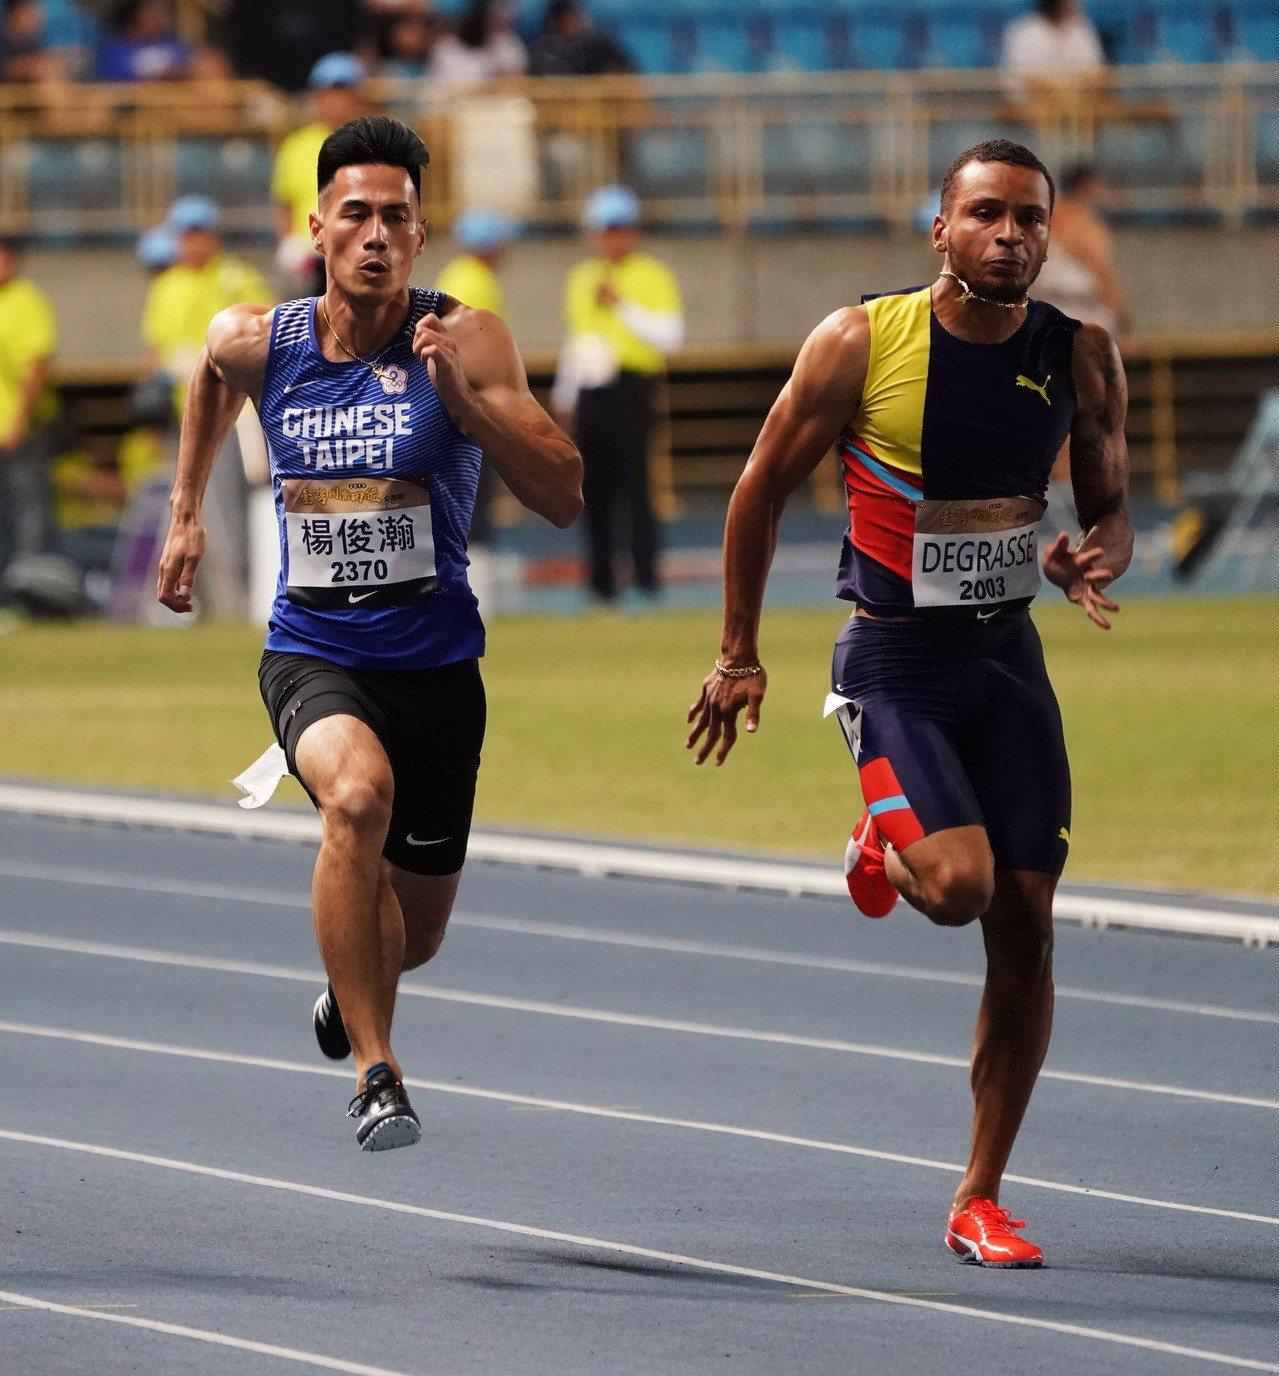 楊俊瀚(左)以10秒23不敵迪葛雷斯(右)的10秒11屈居銀牌。圖/中華田徑協會...